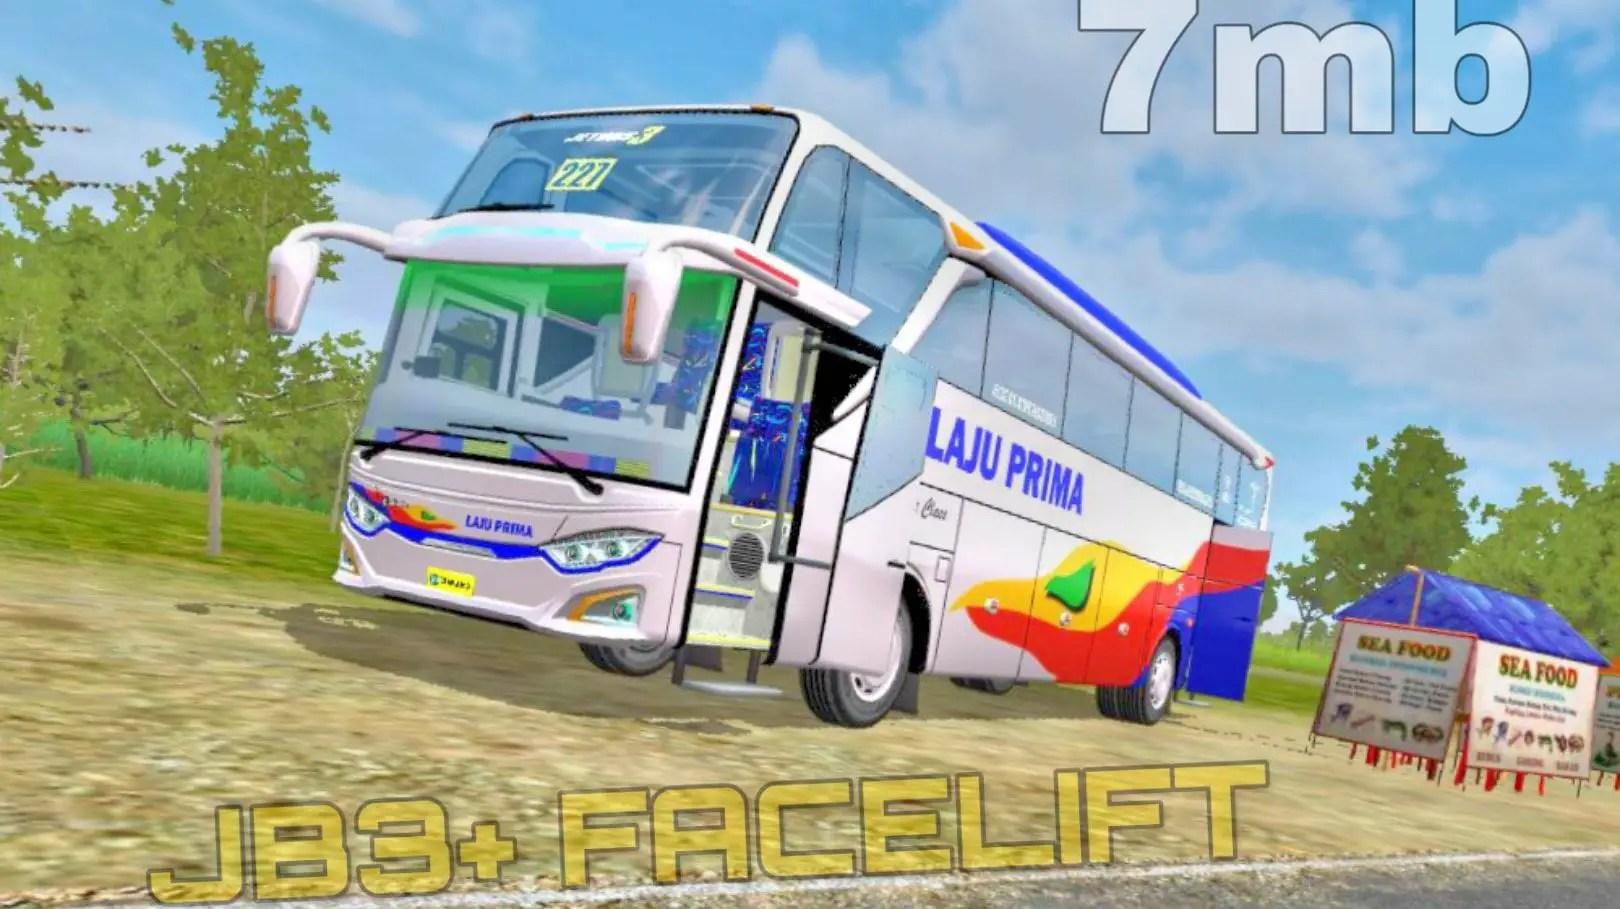 Download JB3+ Facelift Bus Mod for Bus Simulator Indonesia, JB3+ Facelift, Bus Mod, Bus Simulator Indonesia Mod, BUSSID mod, JB3 Mod, JB3+ bus Mod, JB3+ Facelift, Jb3+ Facelift Bus Mod for bussid, MD Creation, Mod, Mod for BUSSID, New Bus Mod, SGCArena, ZTOM